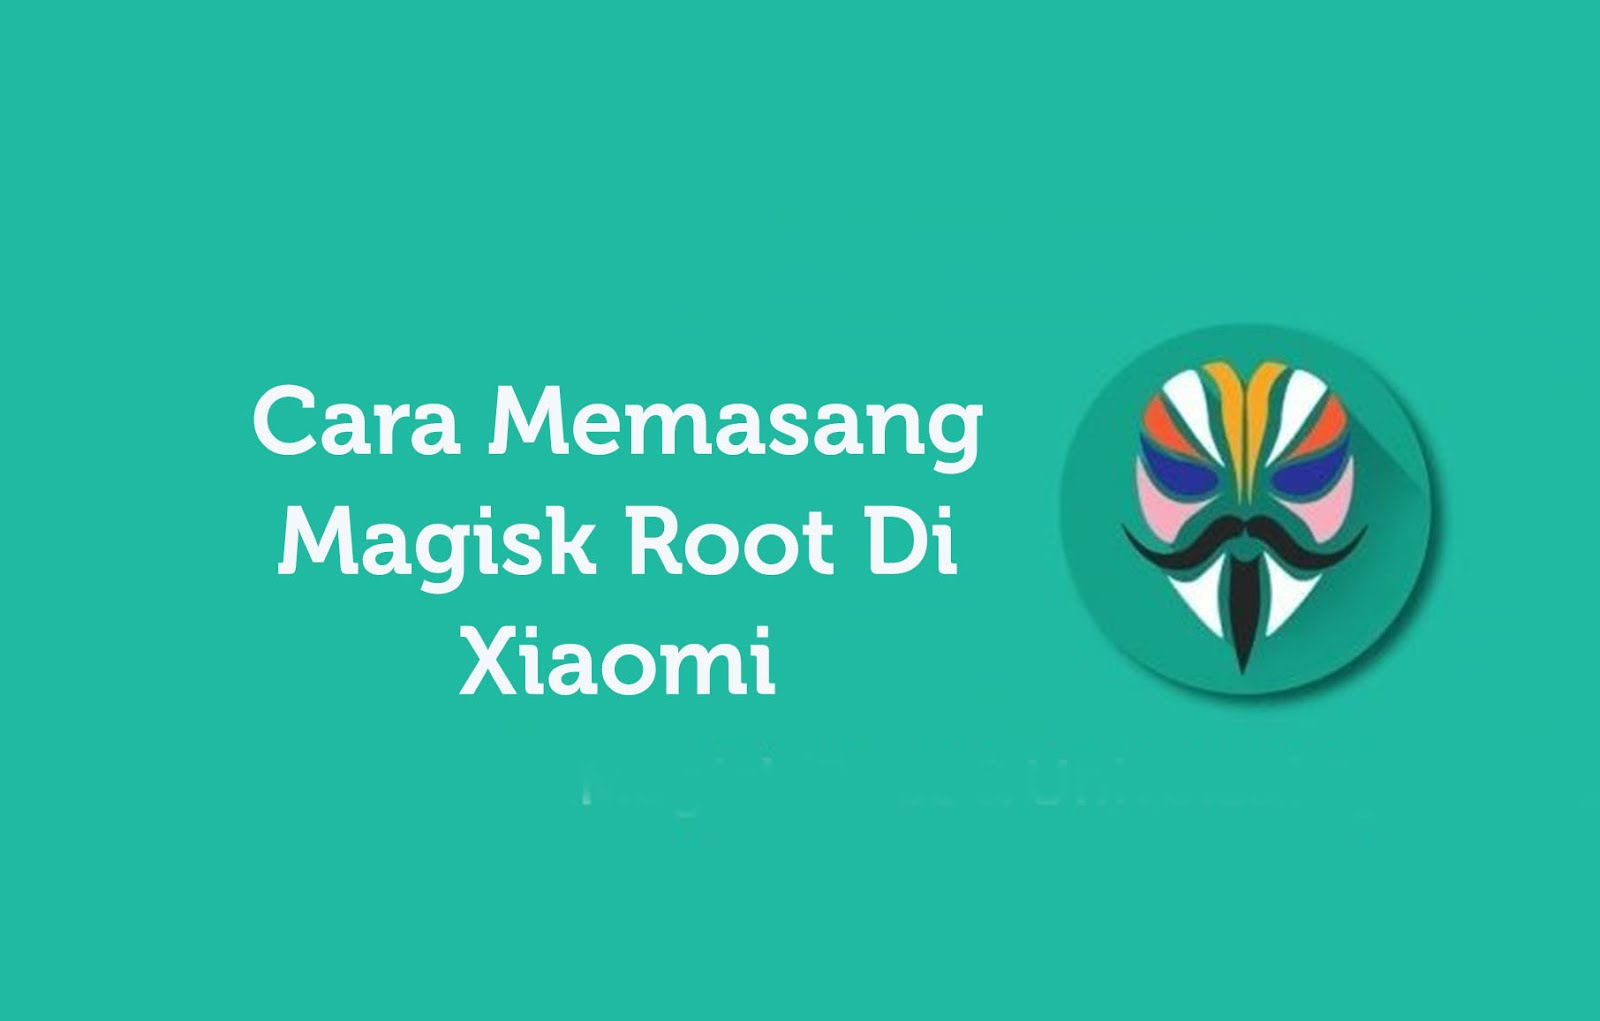 Cara Memasang Magisk Root Di Xiaomi